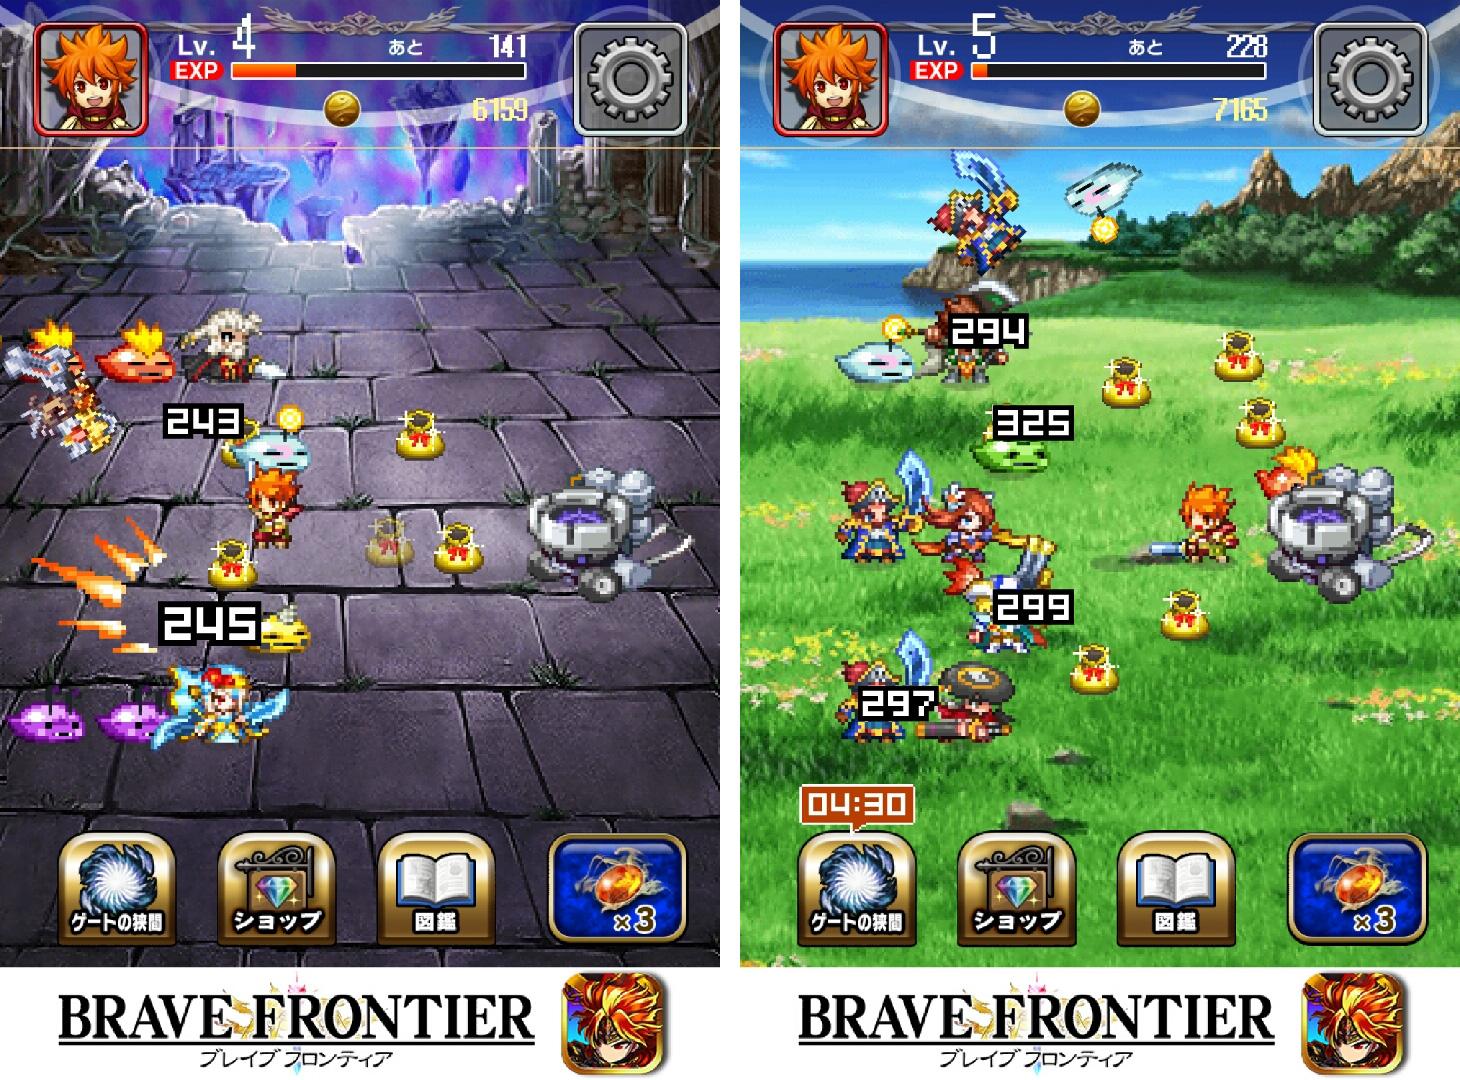 ブレイブフロンティア メモリーズ ~新米召喚師と心の精霊~ androidアプリスクリーンショット1